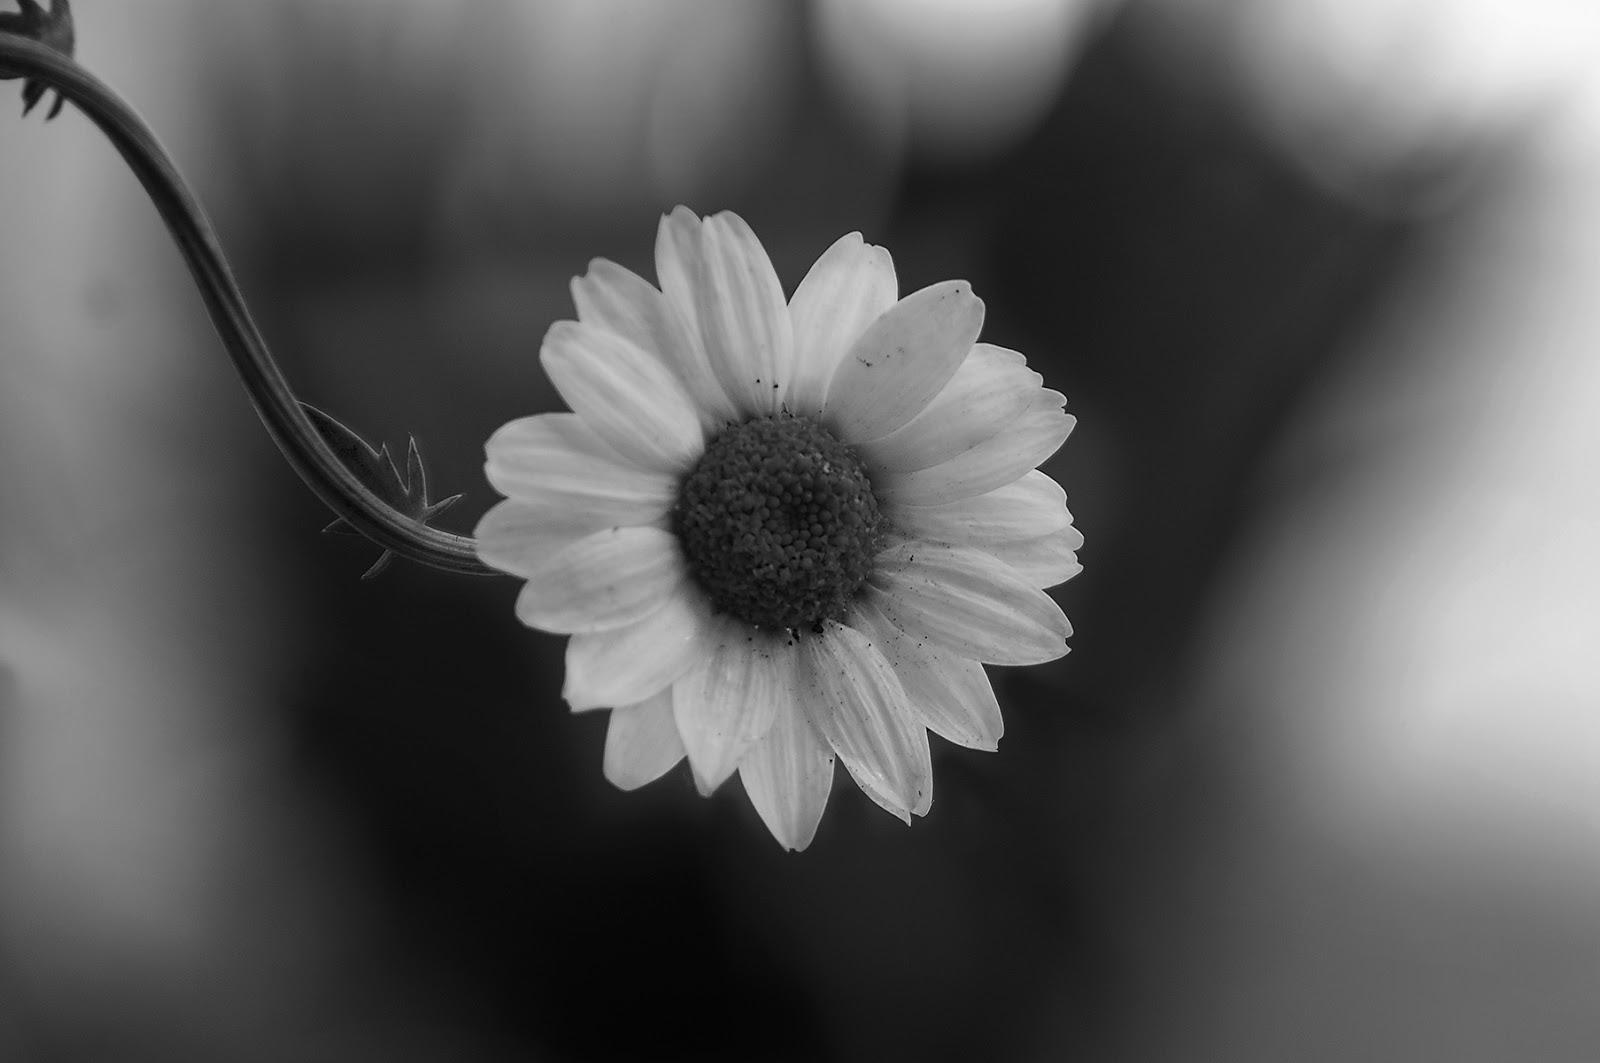 Blanco y negro - 1 7